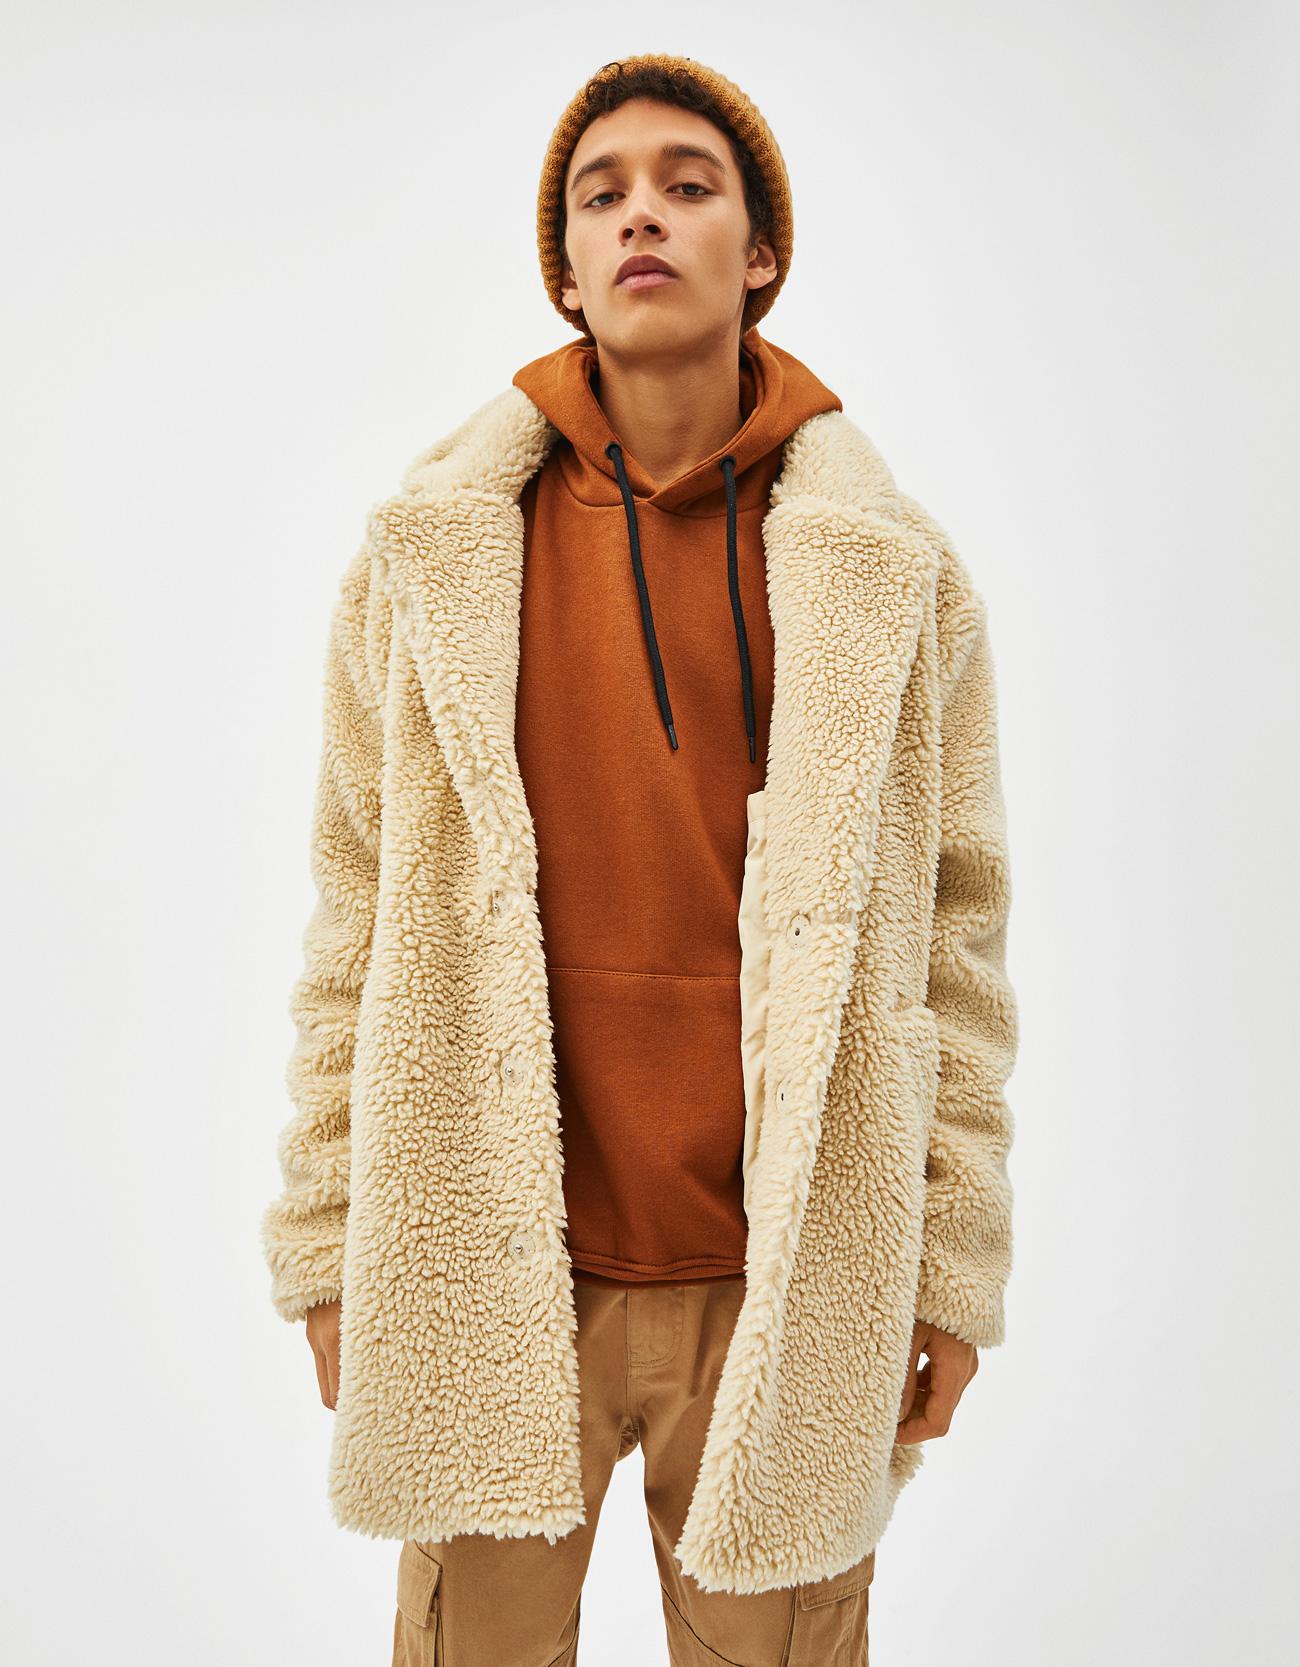 24 casacos para um Natal sem frio e nenhum custa mais de 80 euros